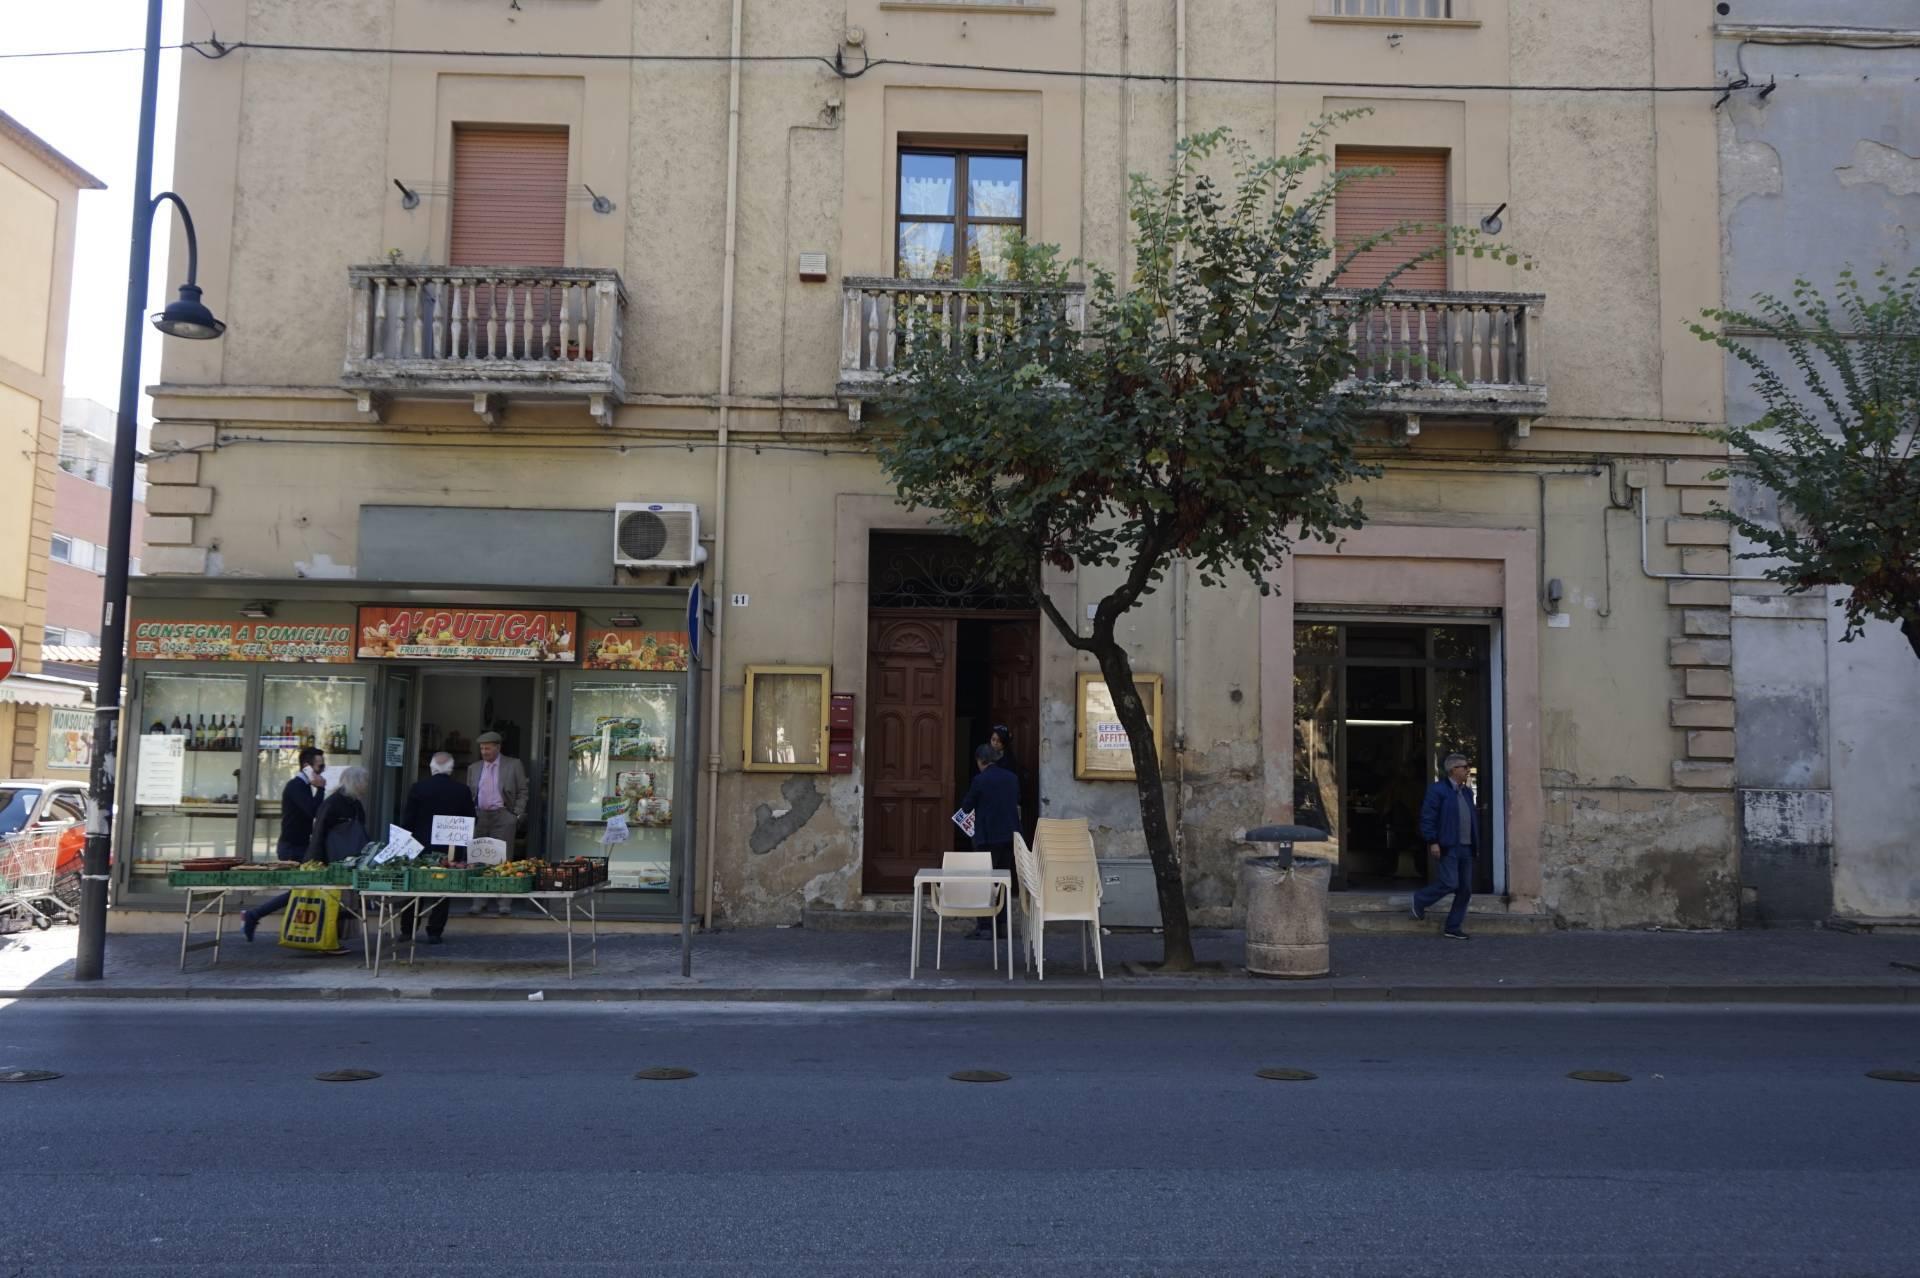 Laboratorio in affitto a Cosenza (CS)